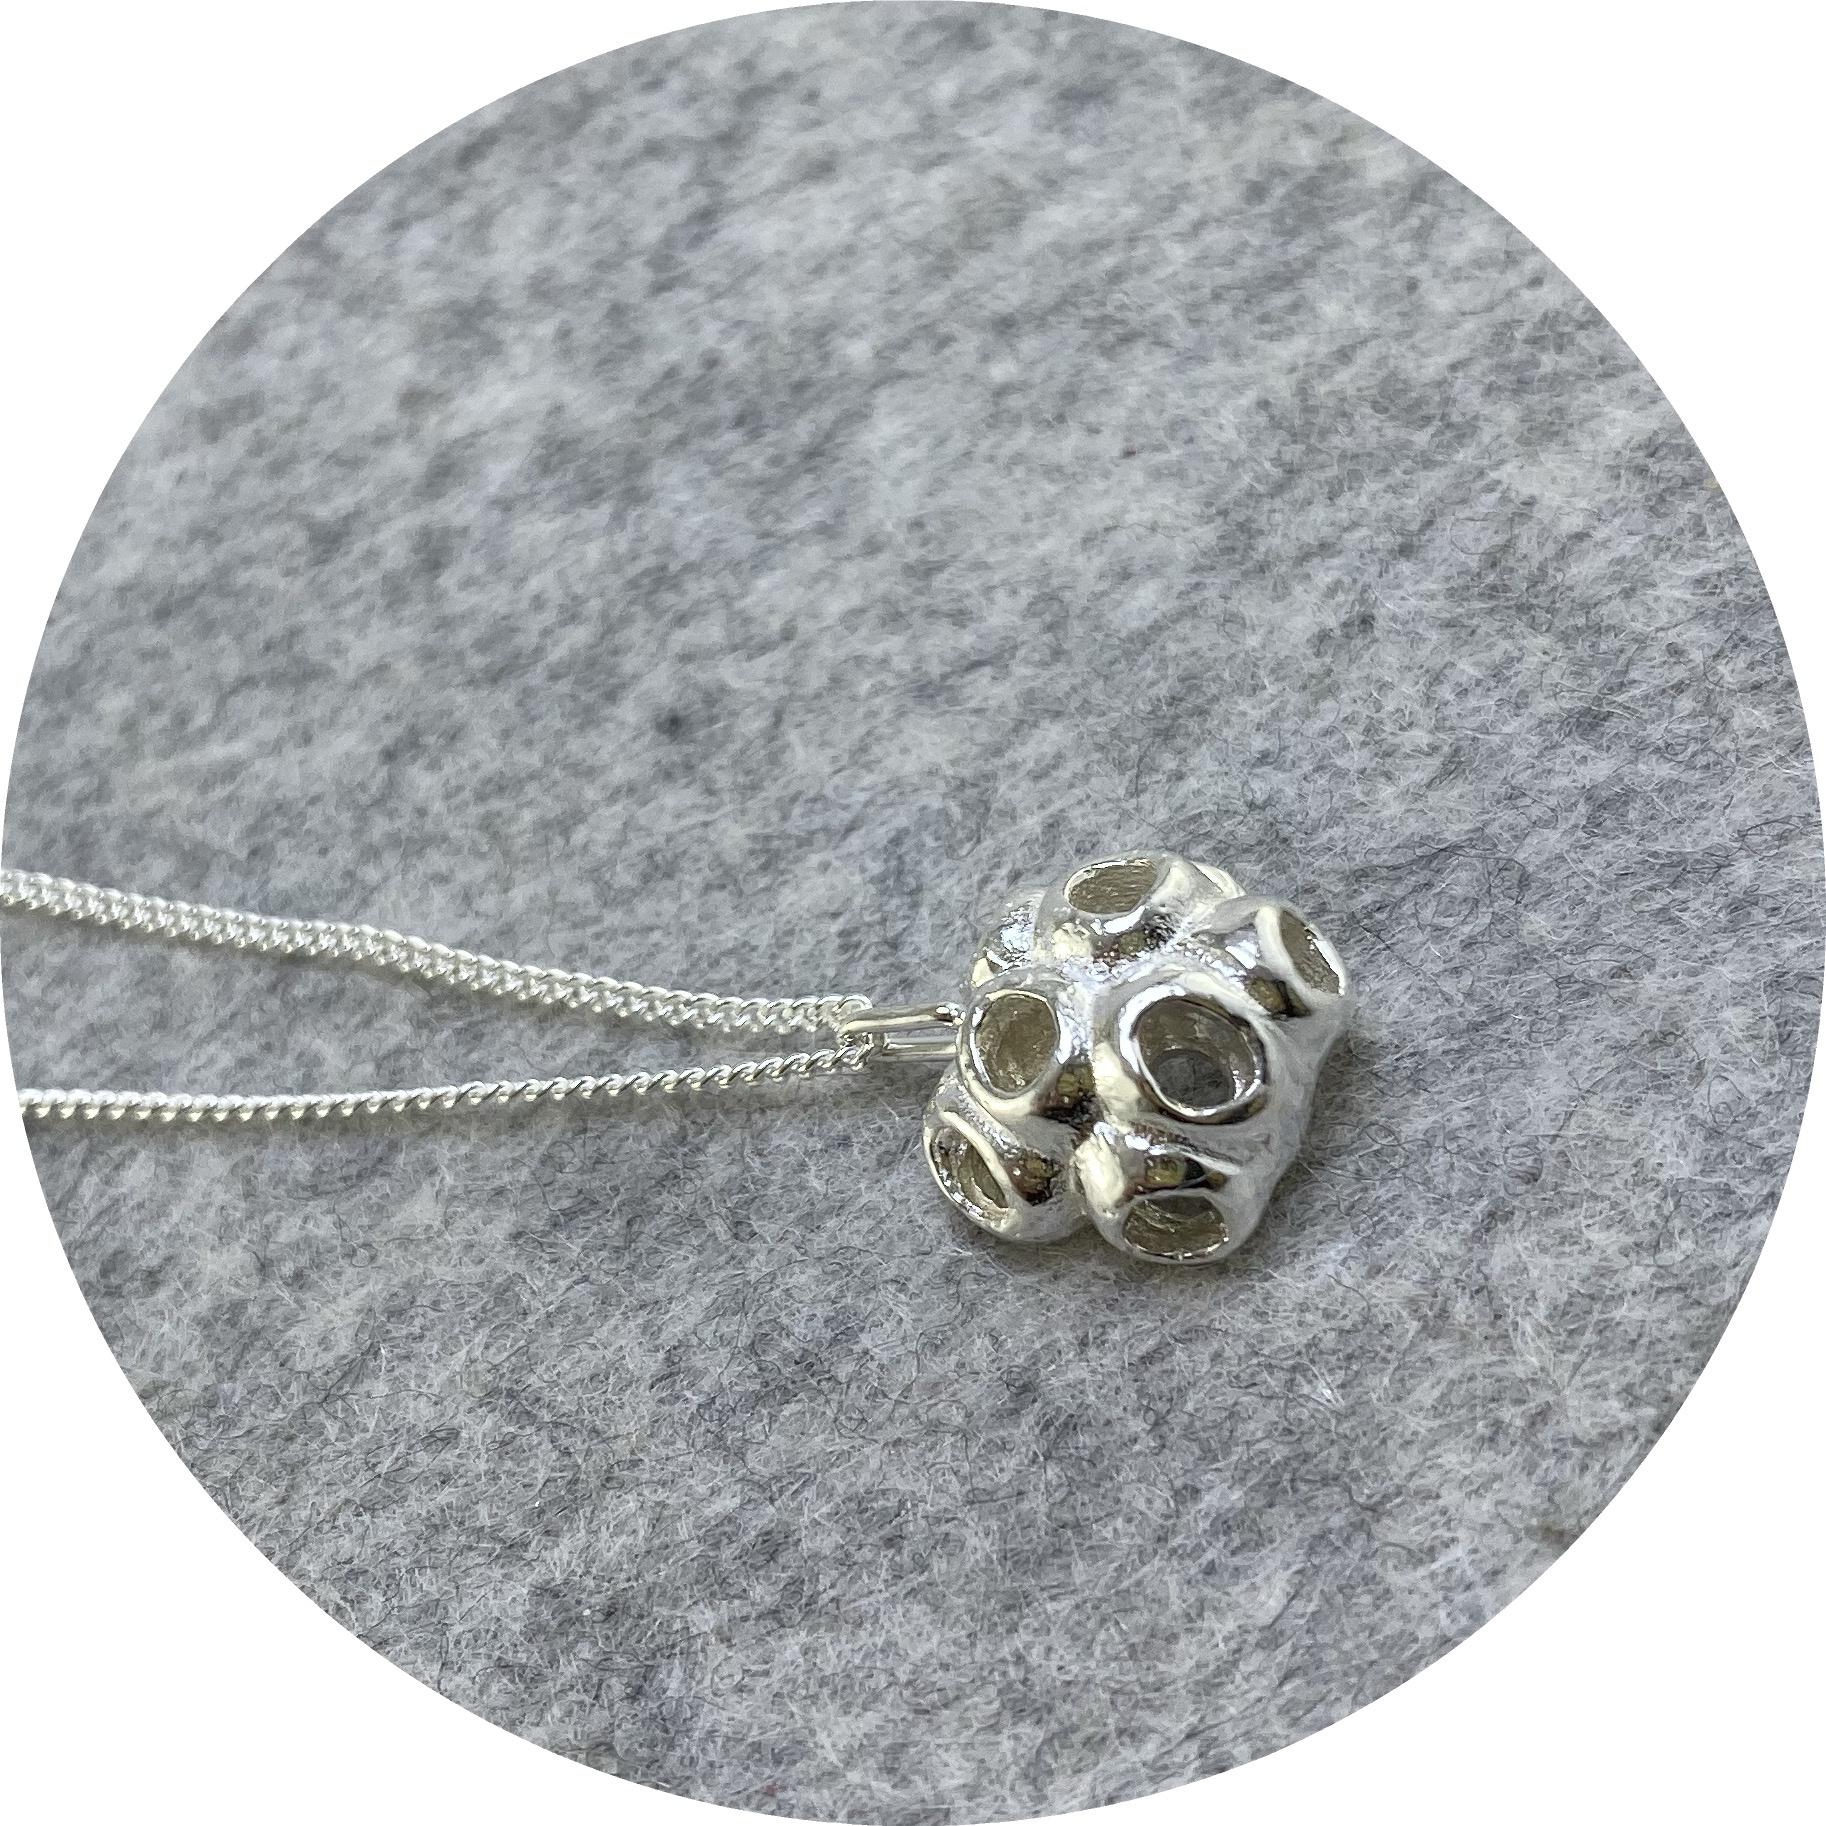 Manuela Igreja- Melaleuca pod necklace. Sterling silver.